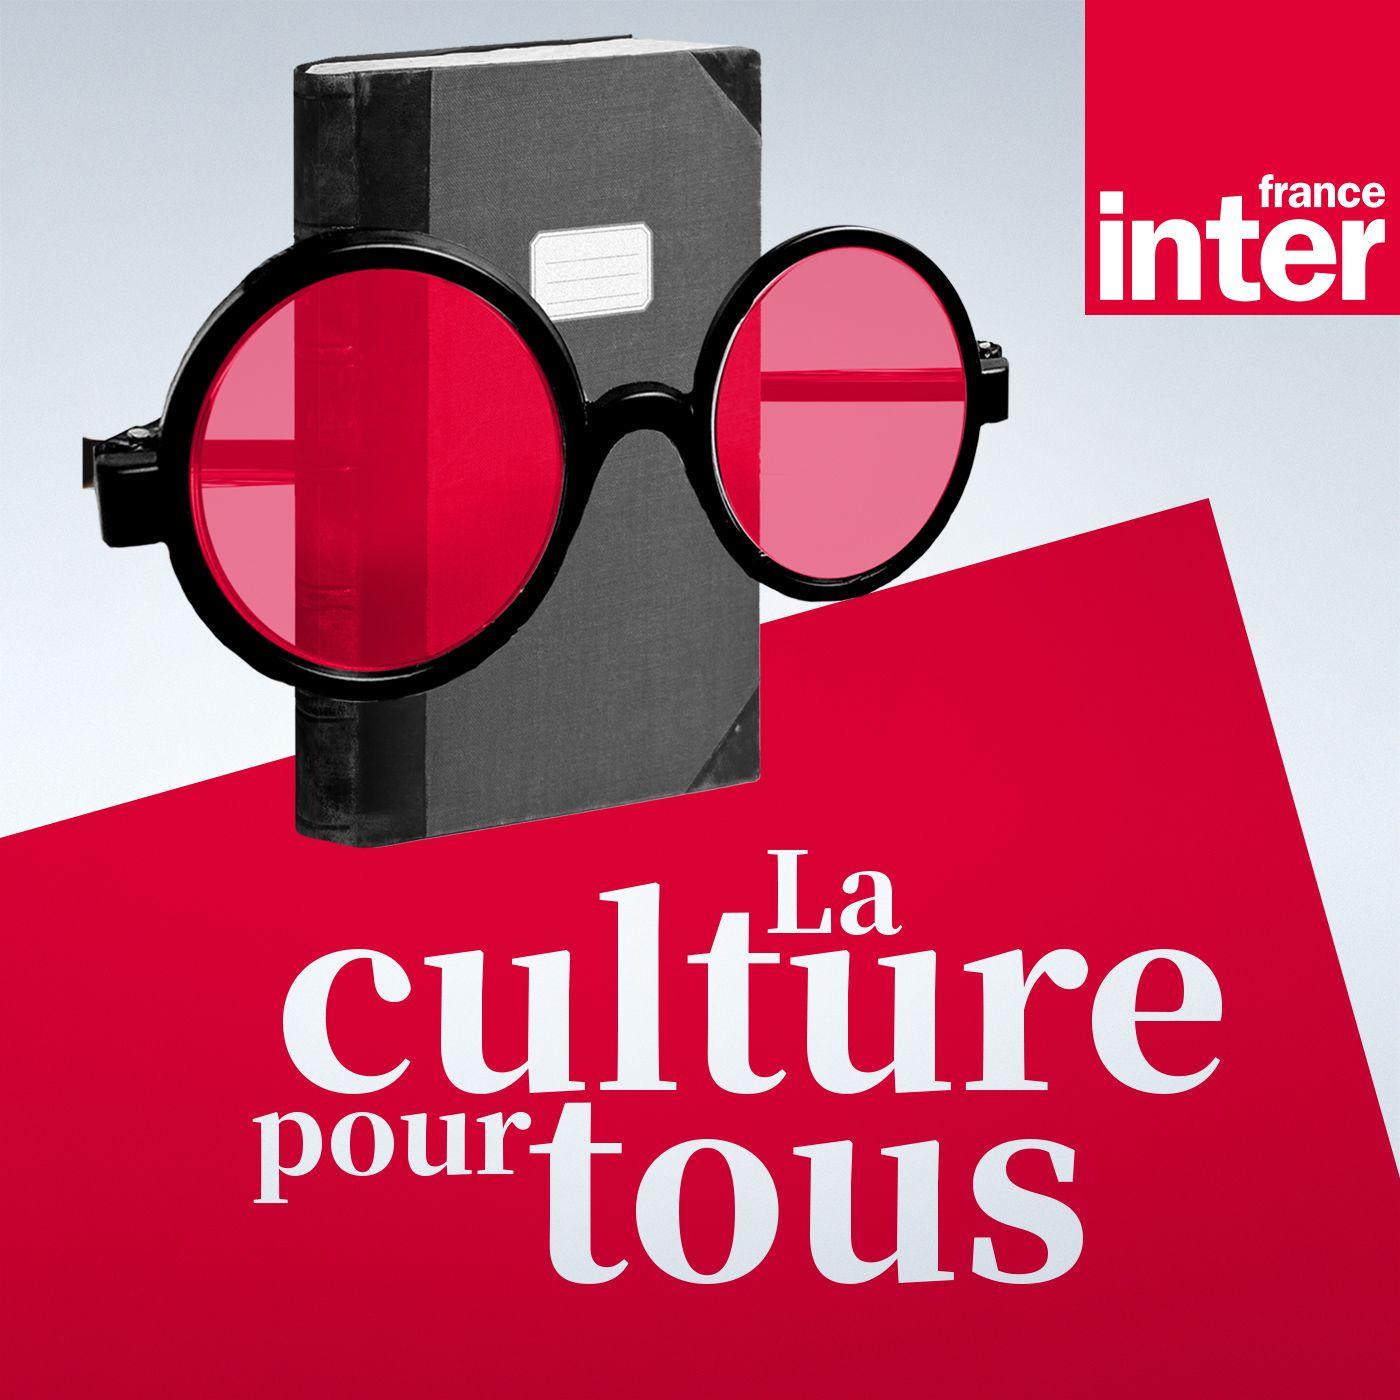 Image 1: La culture pour tous